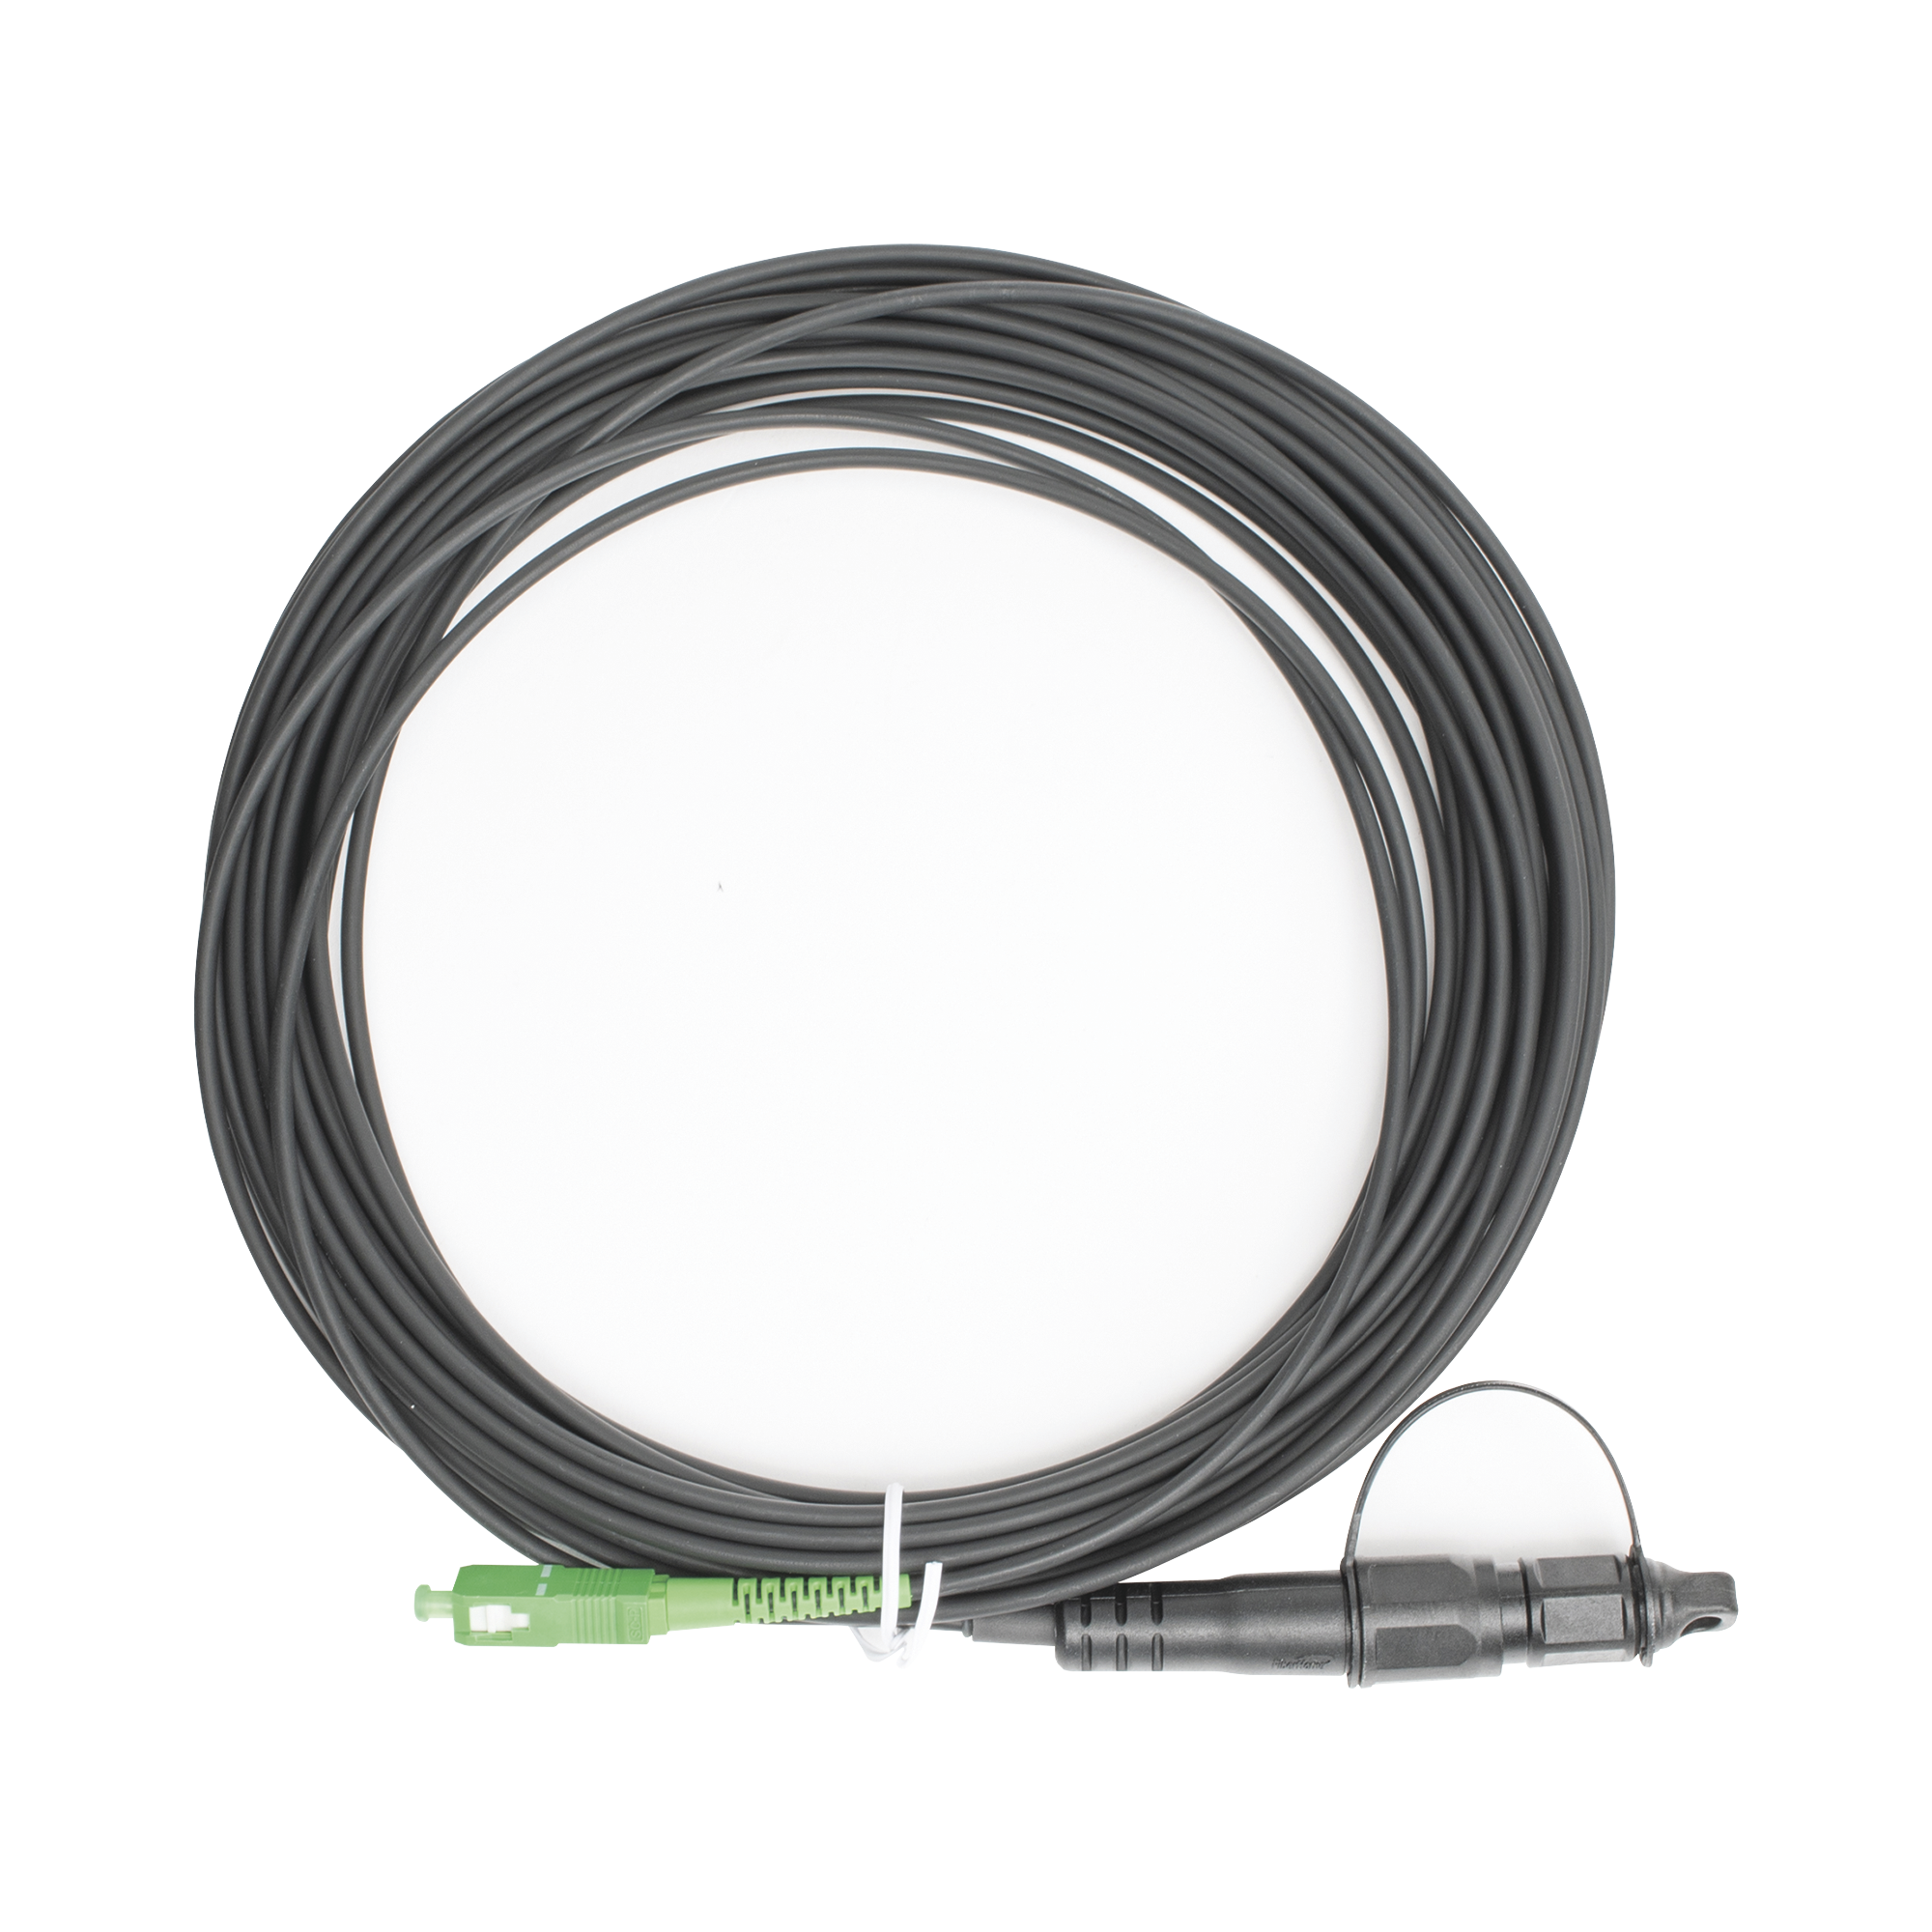 Jumper de Fibra óptica, conector SC/APC - conexión a caja FDP460, redondo, 10 metros, forro 3 mm, G657A2, negro